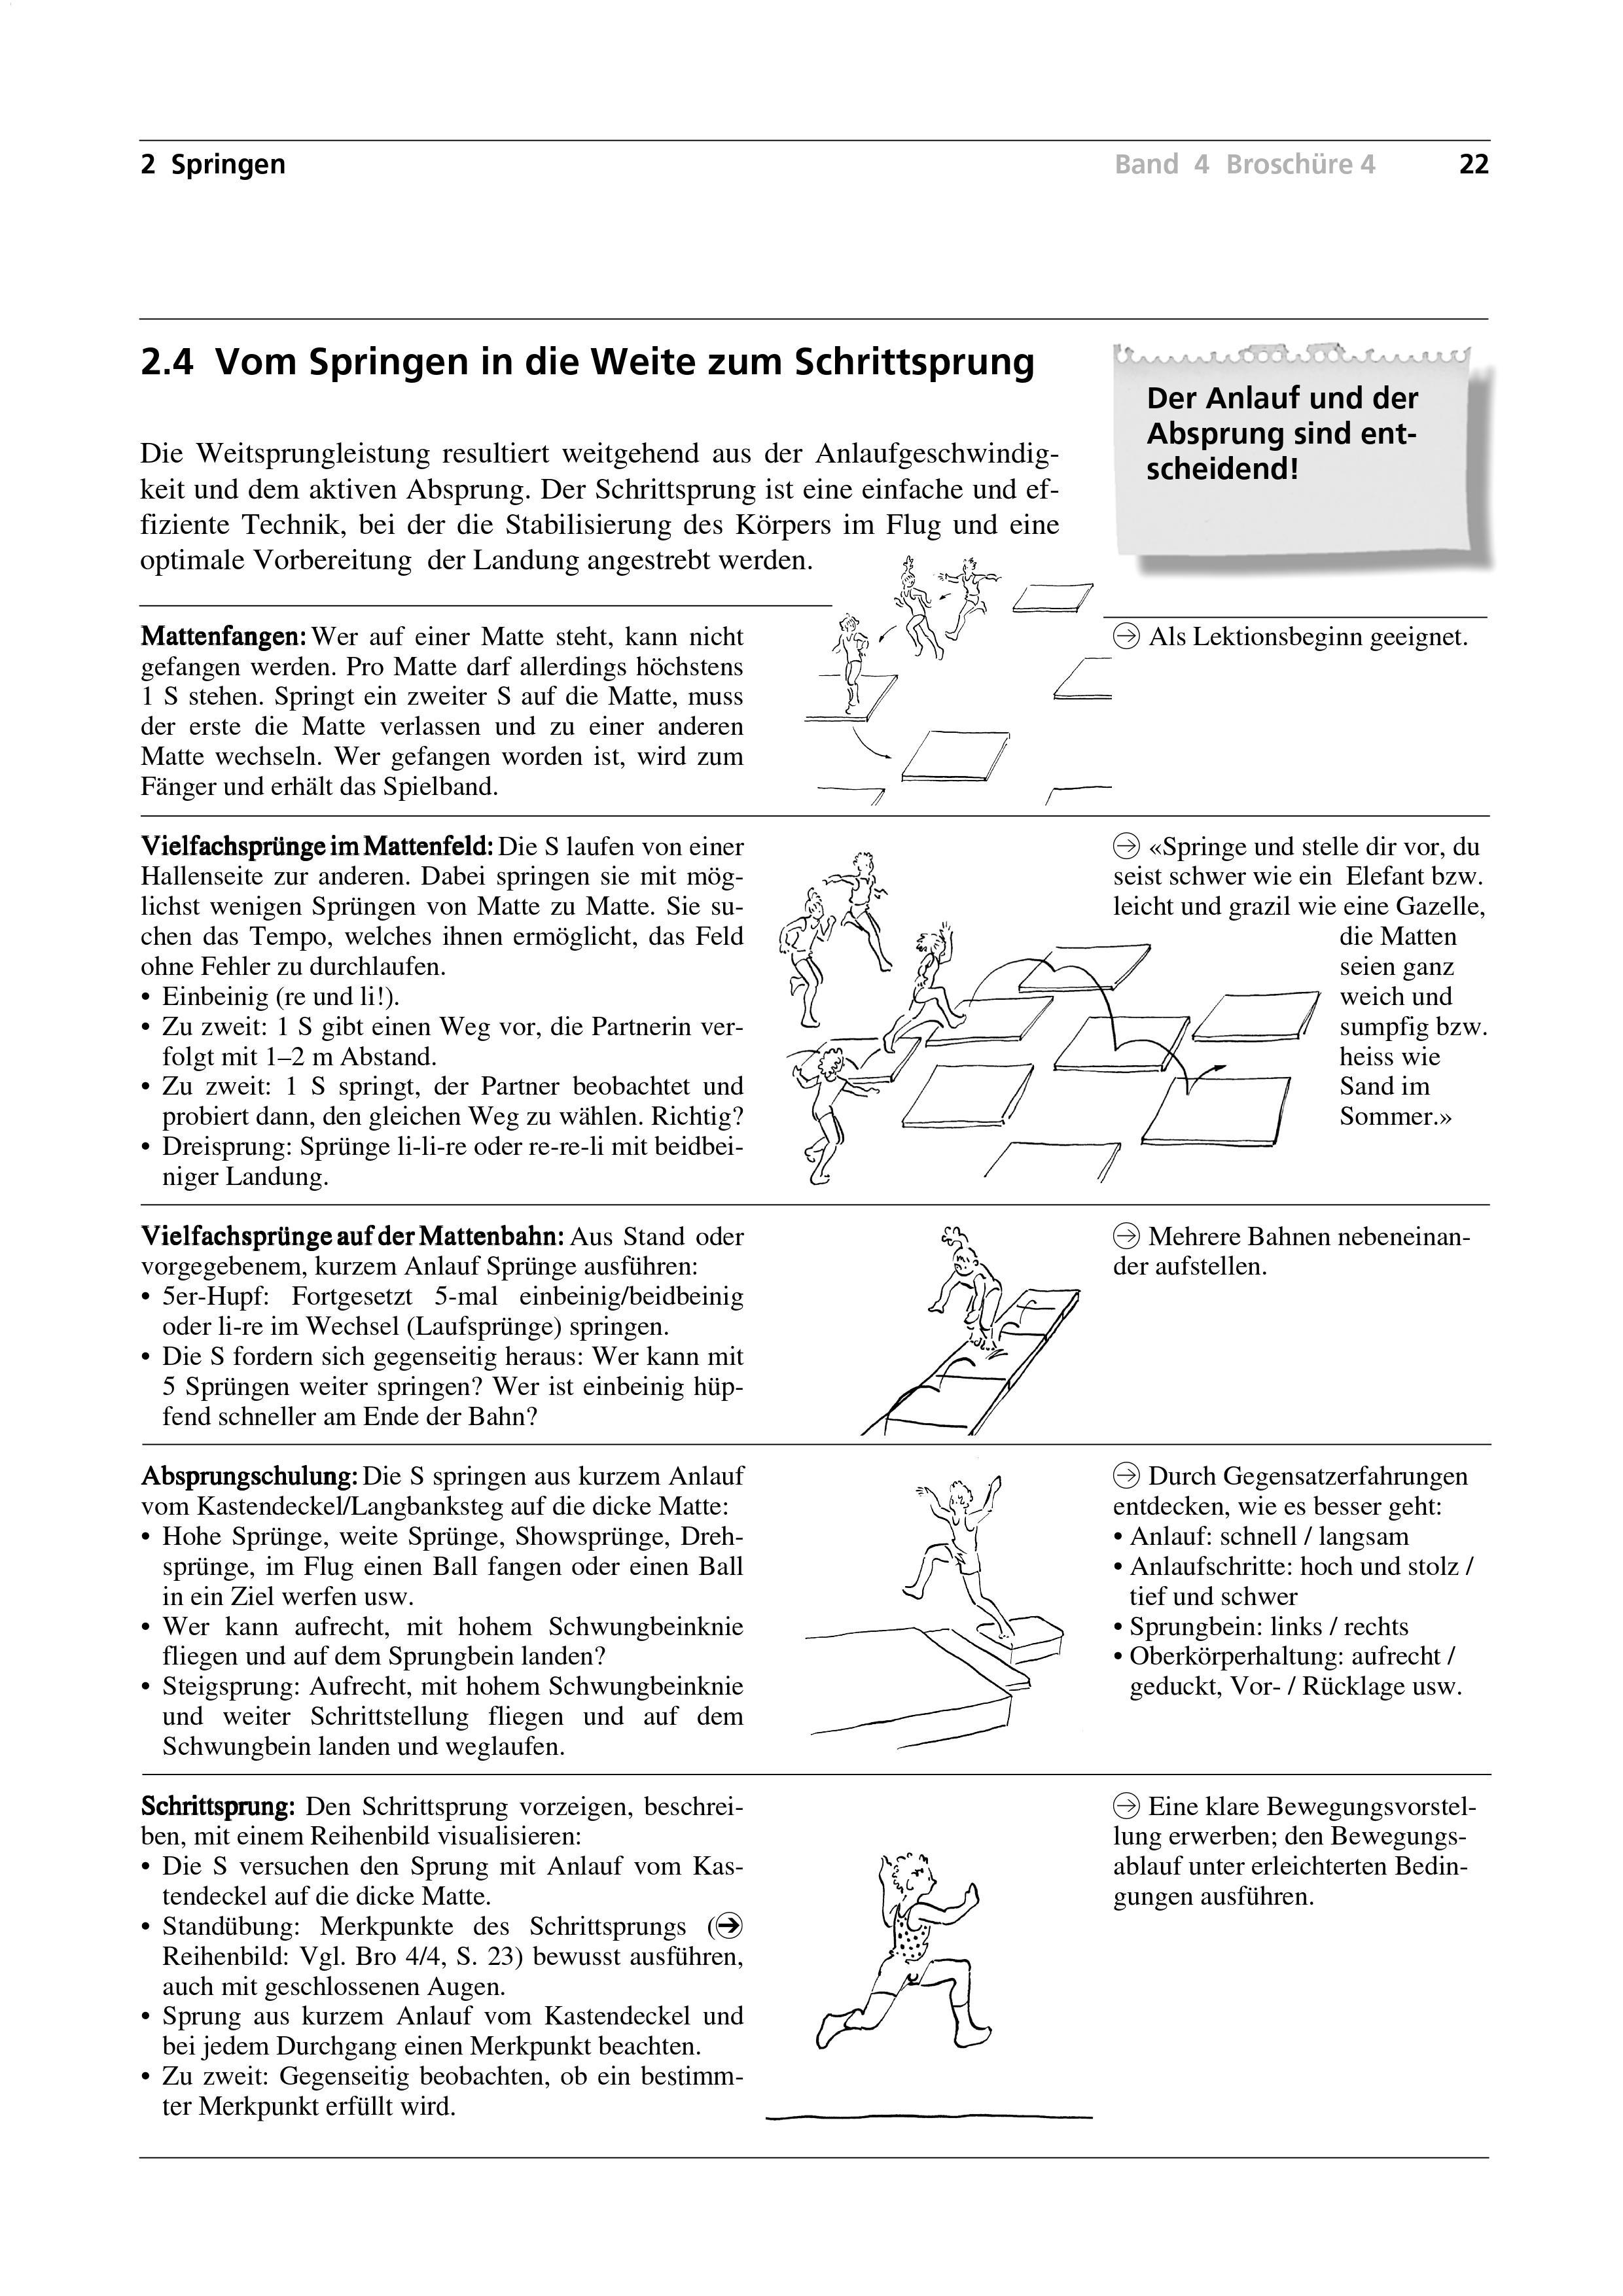 Preview image for LOM object Vom Springen in die Weite zum Schrittsprung